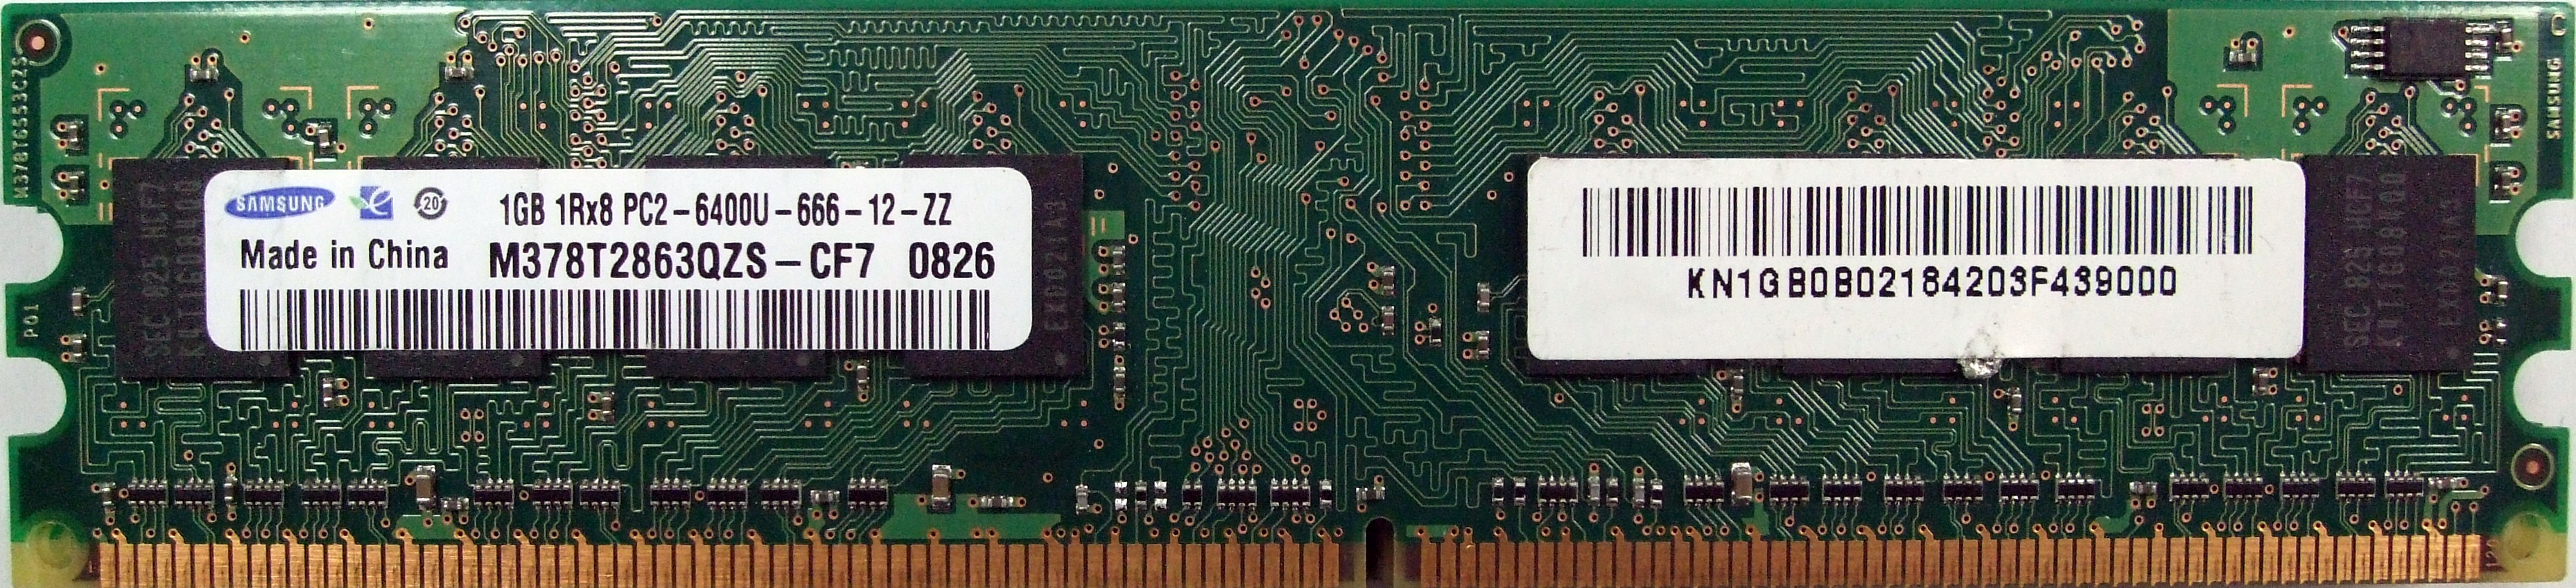 Оперативная память DDR II, 1Gb, Samsung 800 Mhz <M378T2863QZS-CF7>